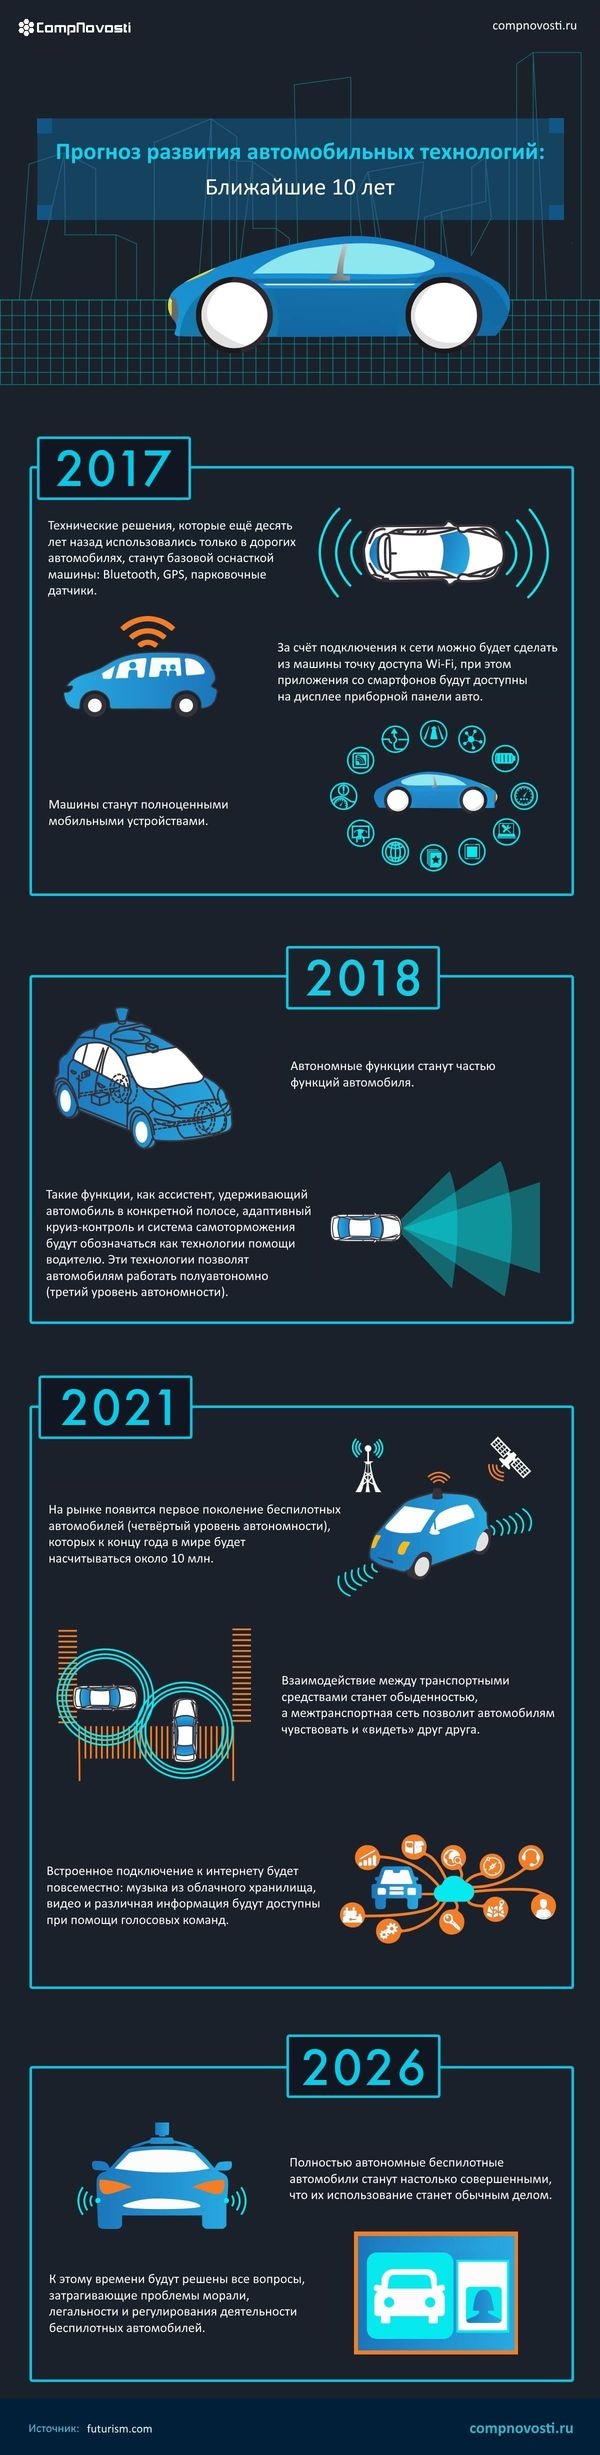 Volvo рассказала о беспилотном интерфейсе